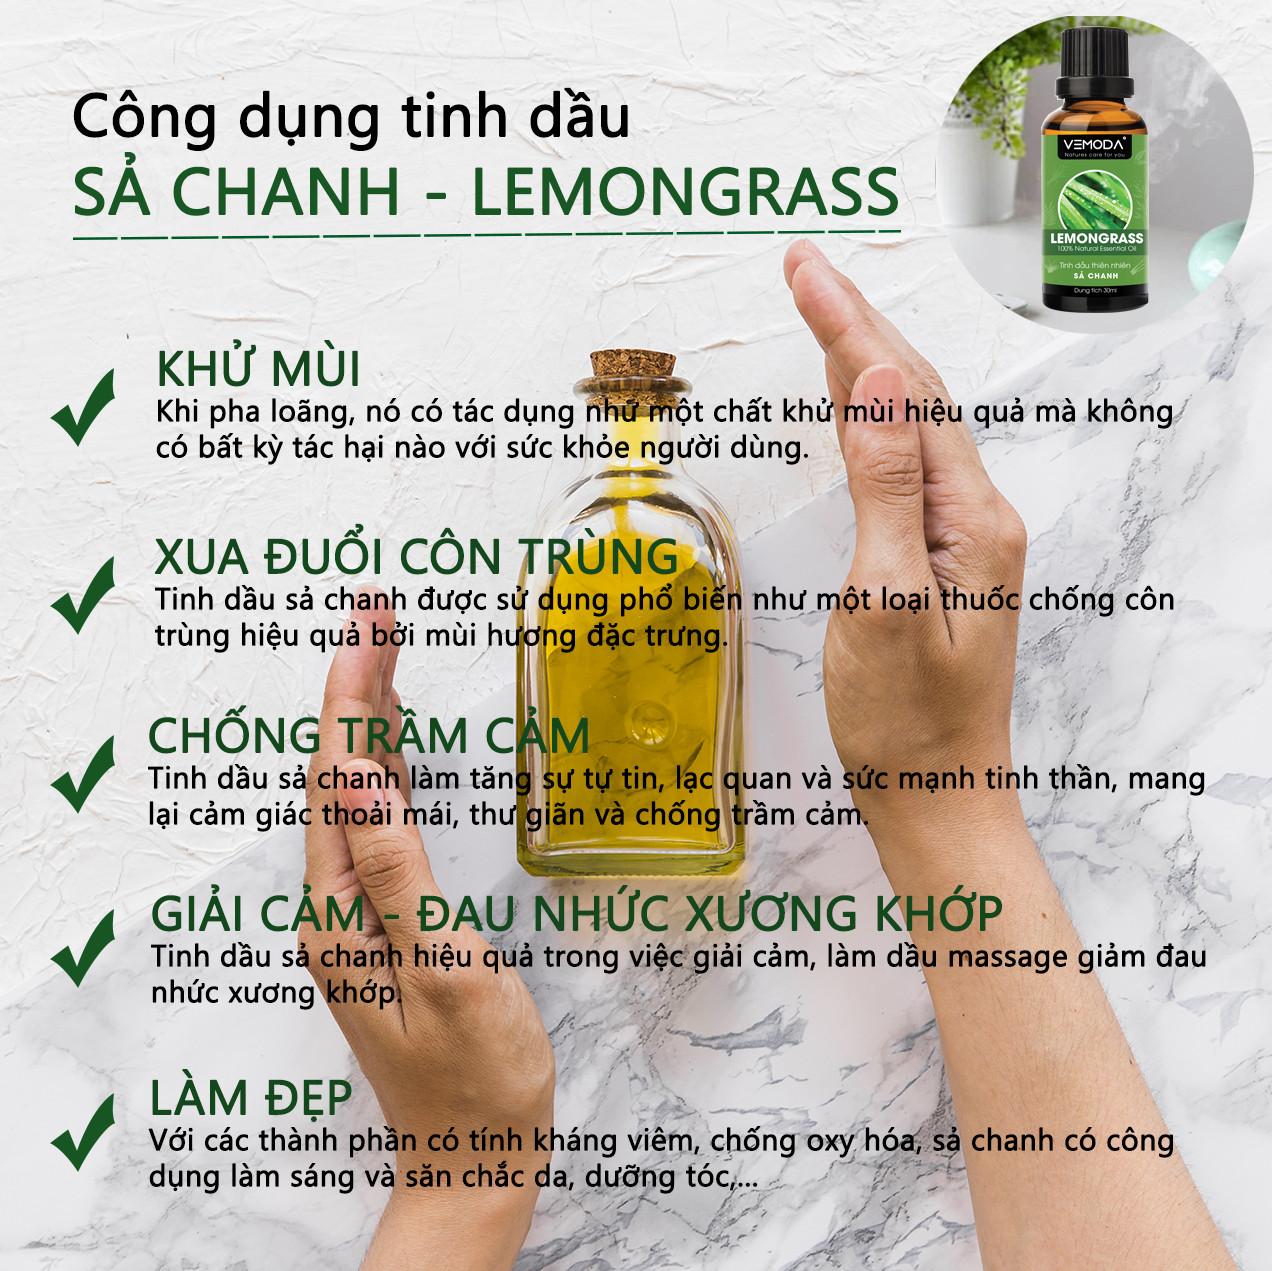 Tinh dầu xông phòng cao cấp gồm 2 chai tinh dầu nguyên chất: tinh dầu Vỏ bưởi HG (50ml) + tinh dầu Sả chanh (50ml) Vemoda